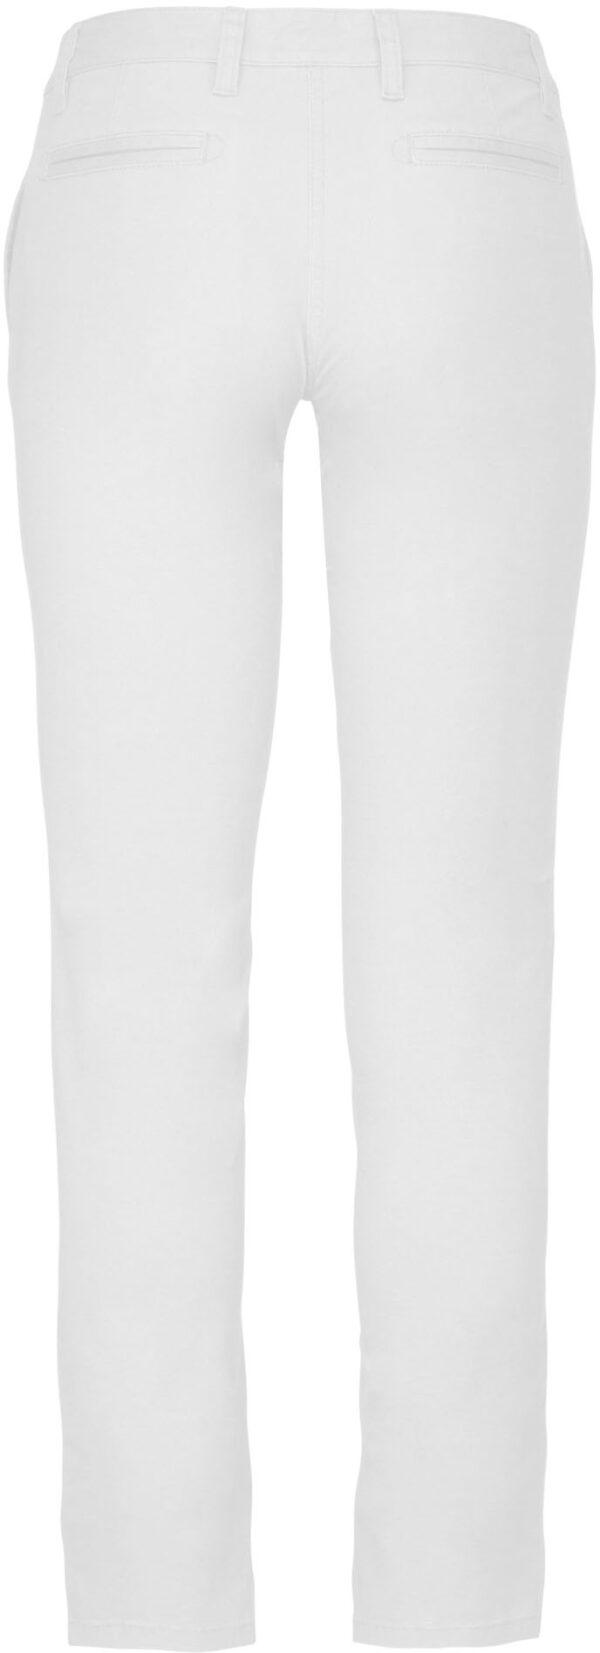 Pantalon Femme Blanc Dos